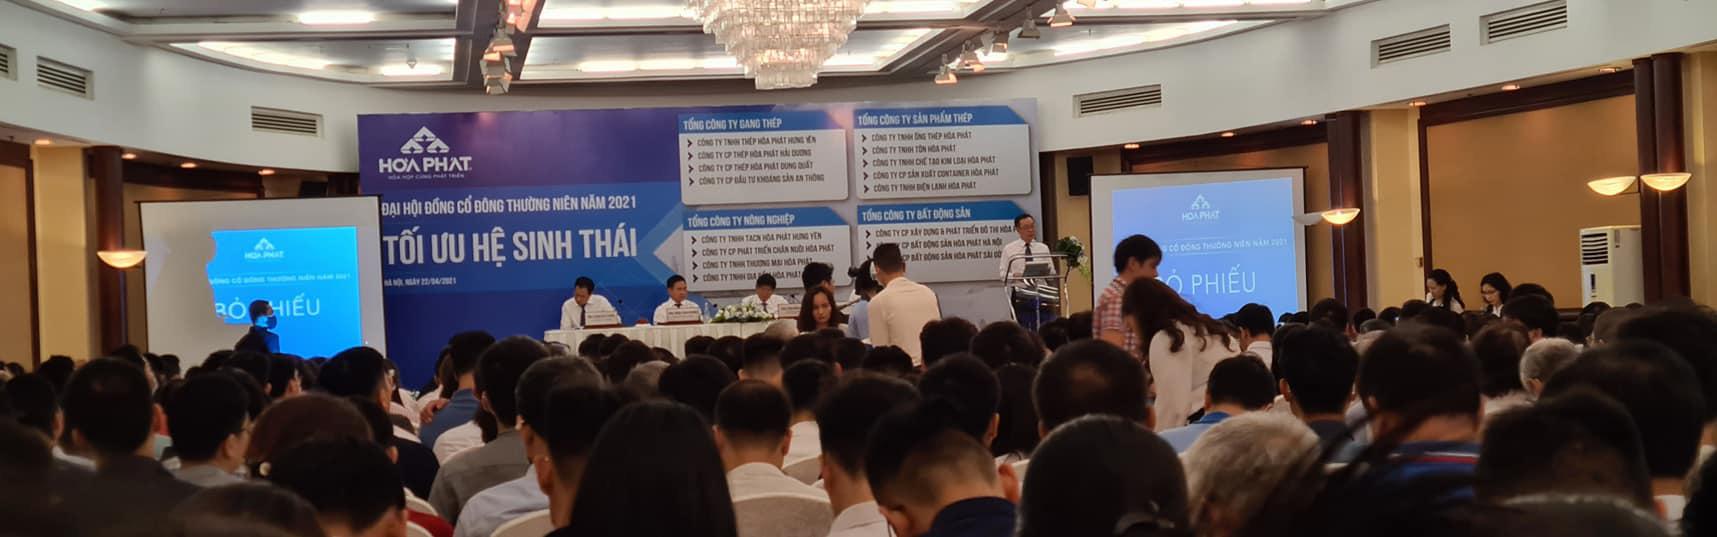 """Hòa Phát thu về hơn 340 tỷ/ngày, tỷ phú Trần Đình Long nói """"không quá hưng phấn"""" - Ảnh 1."""